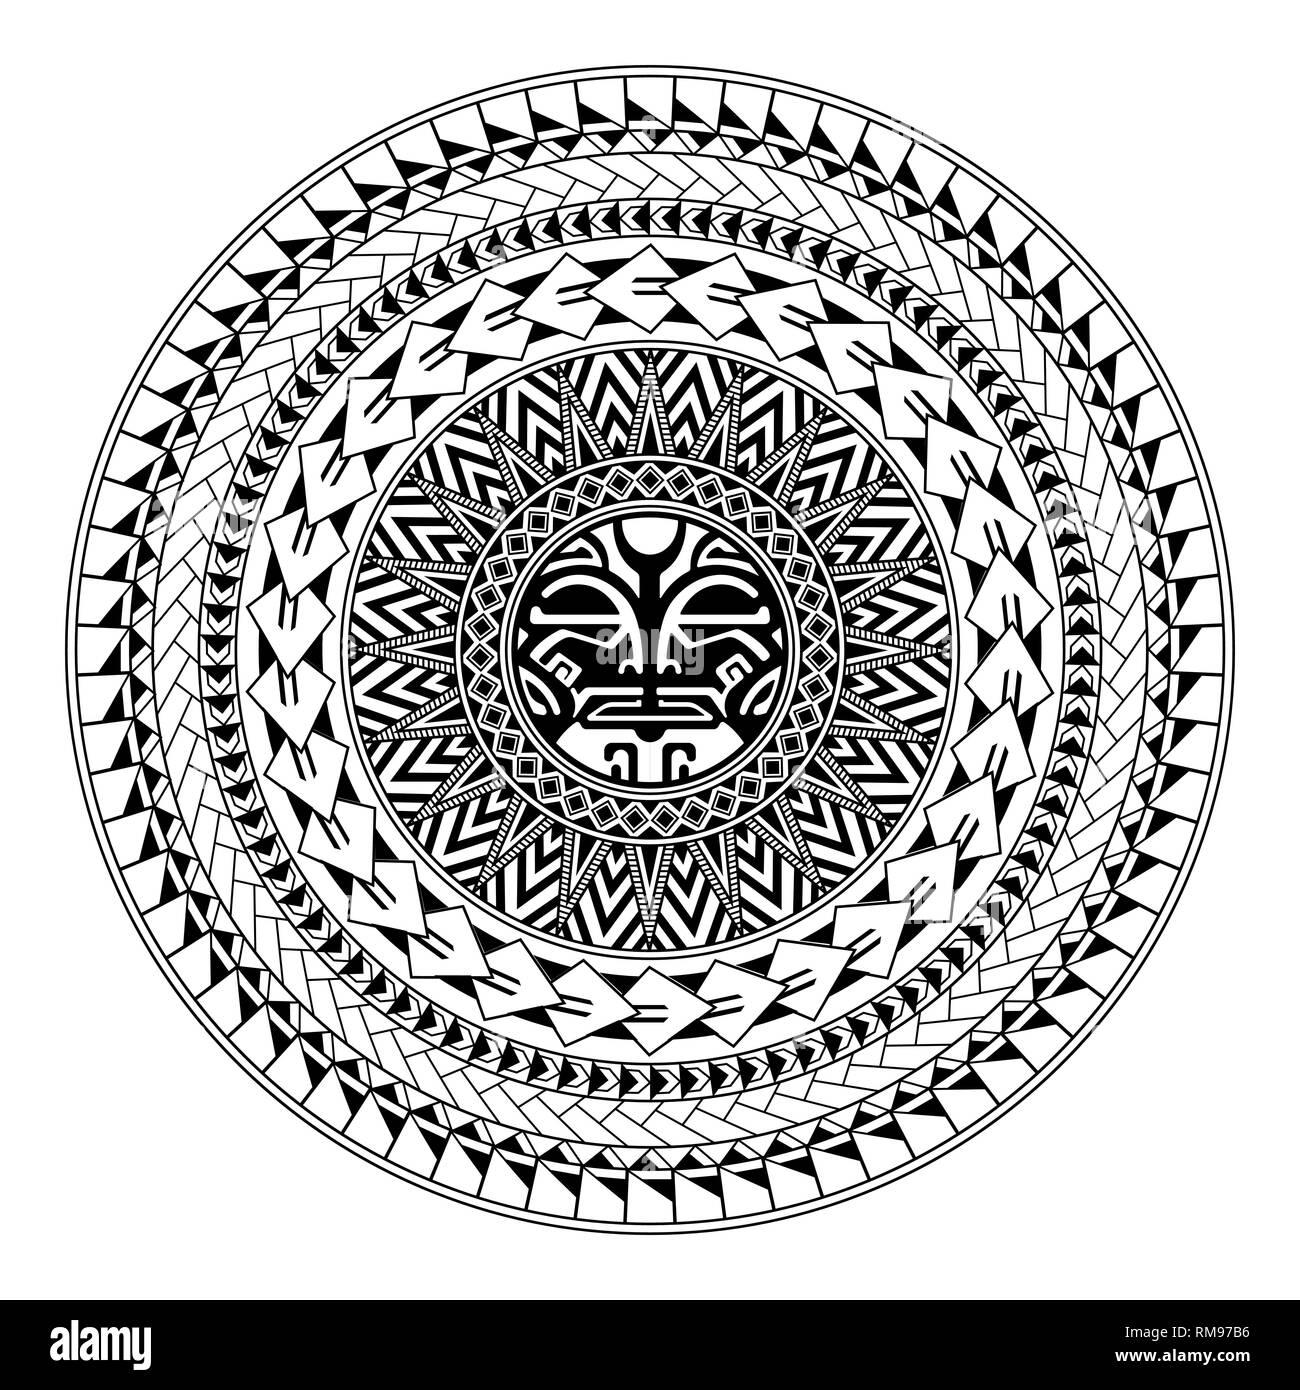 Polynesian circular ornament. Polynesian tattoo. Maori style. Abstract face - Stock Vector